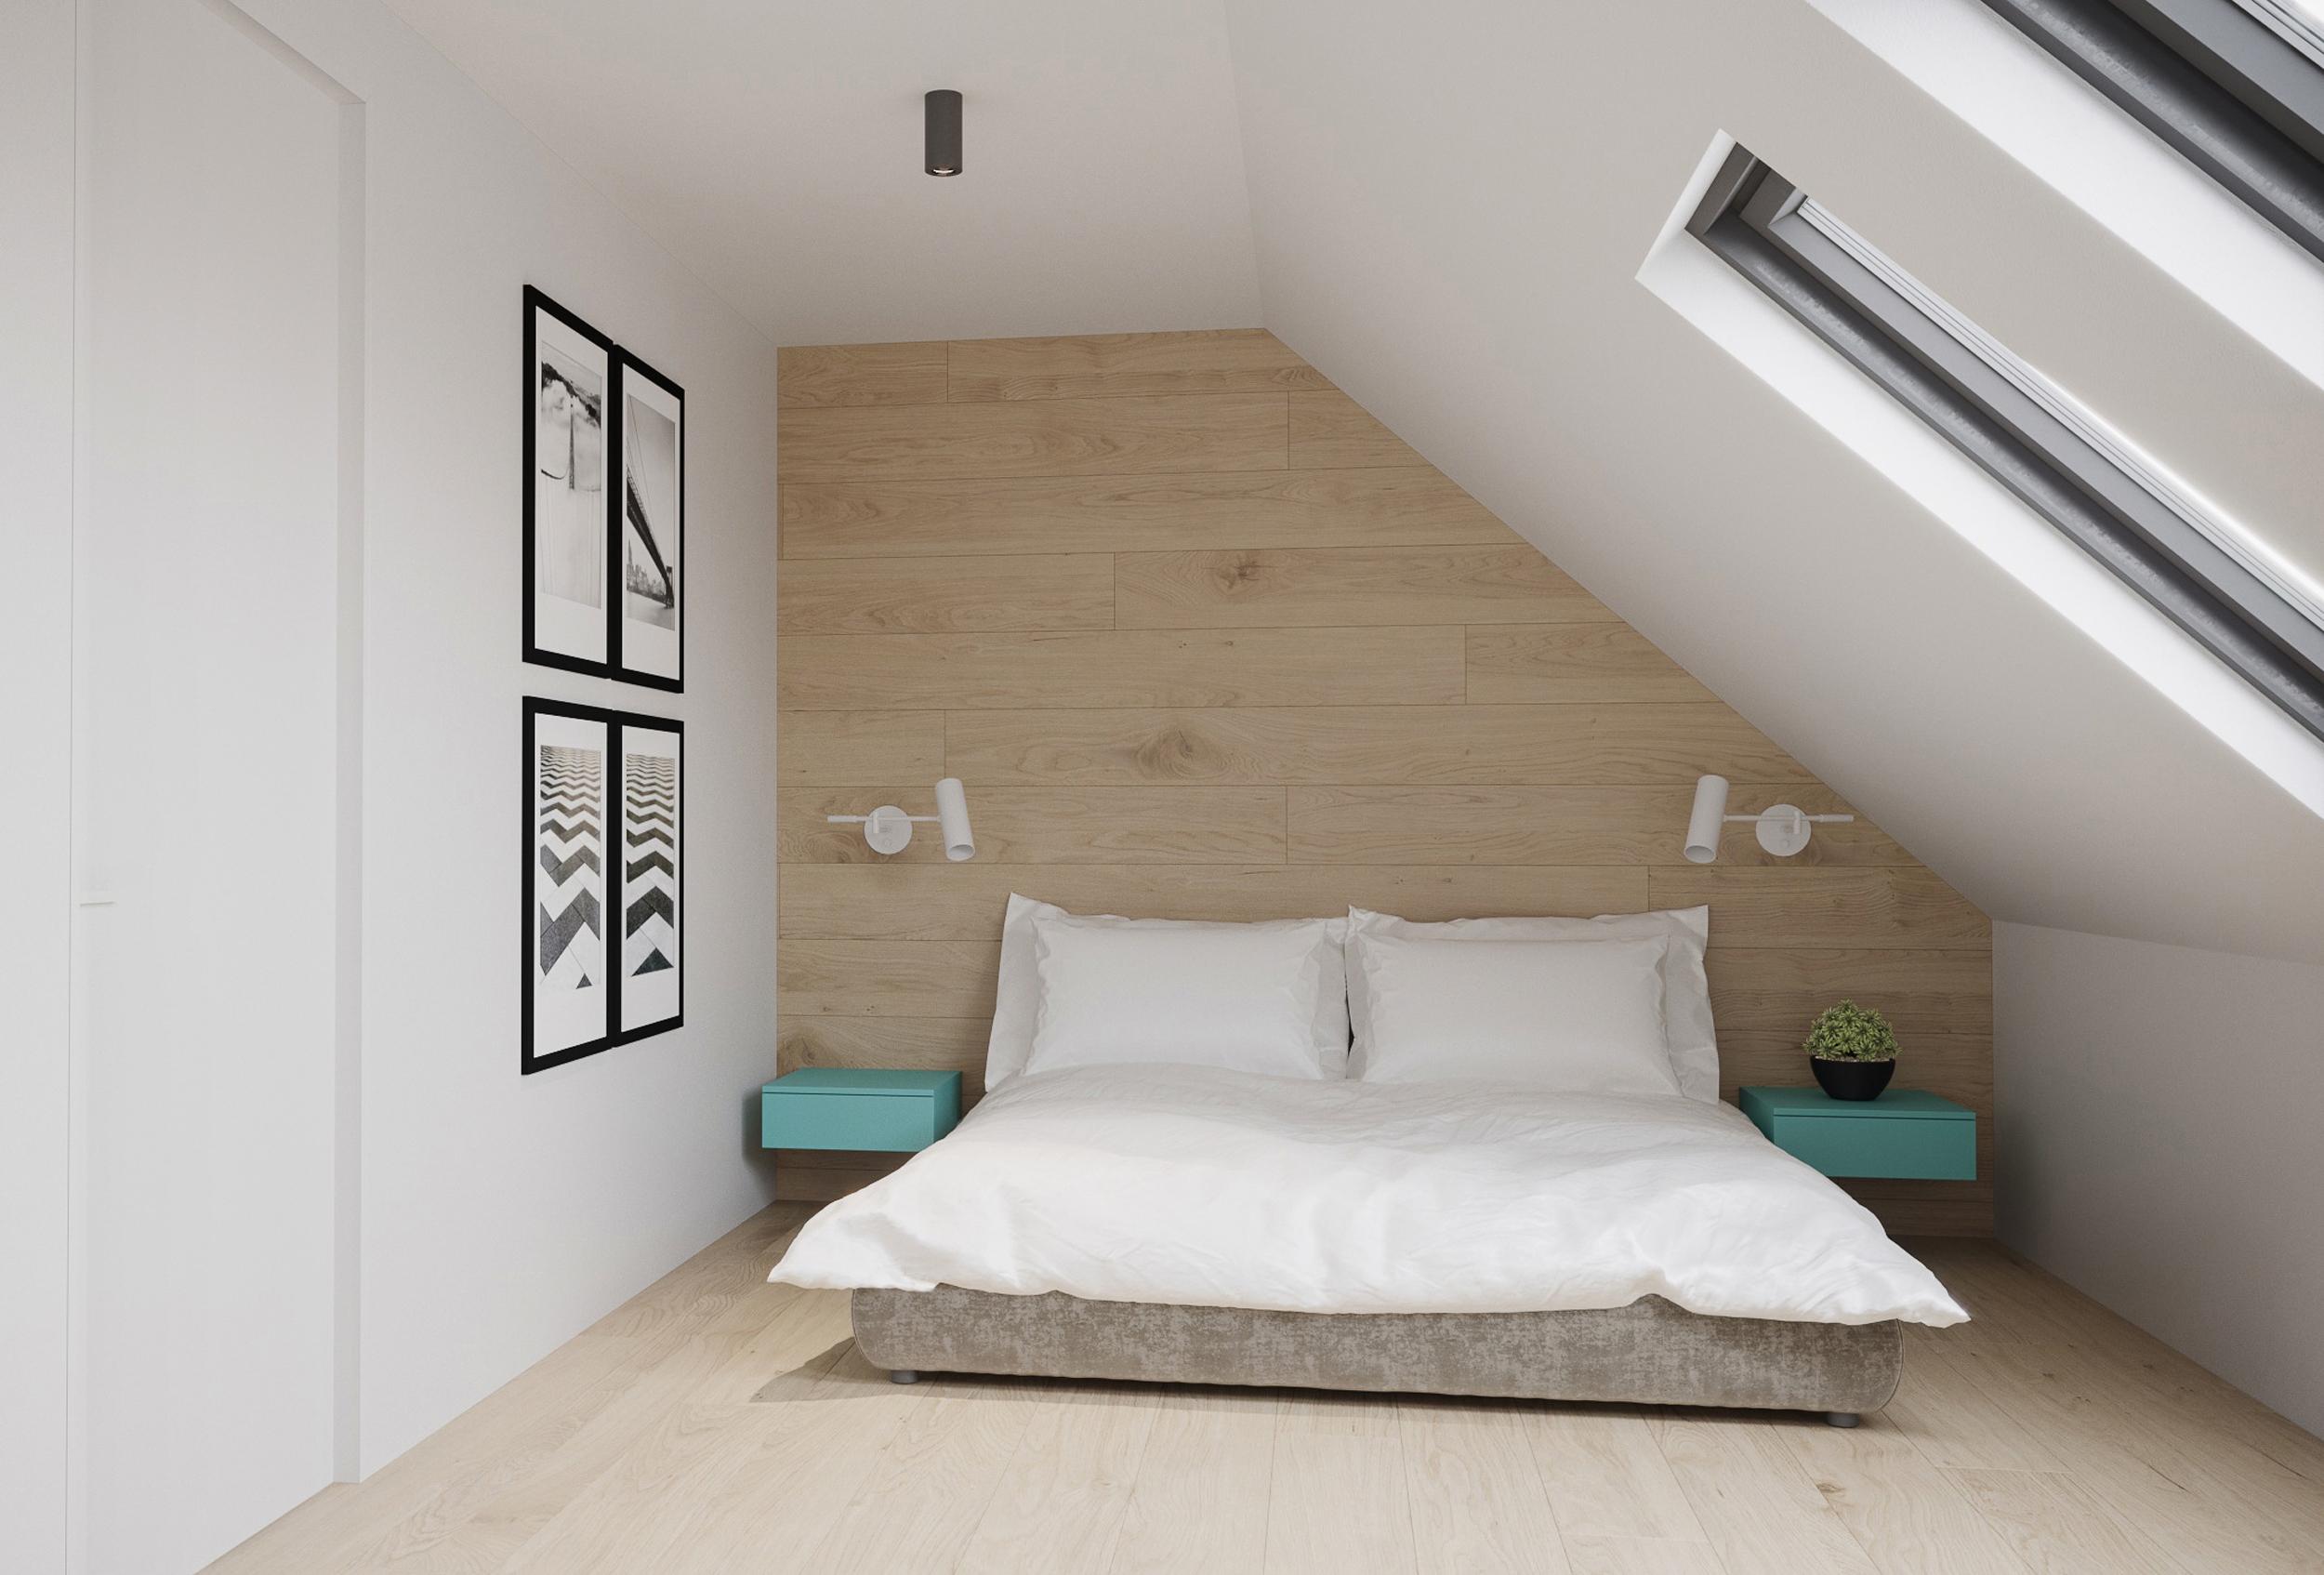 180705 Zurich Apartment interior 2 1 - 4.jpg